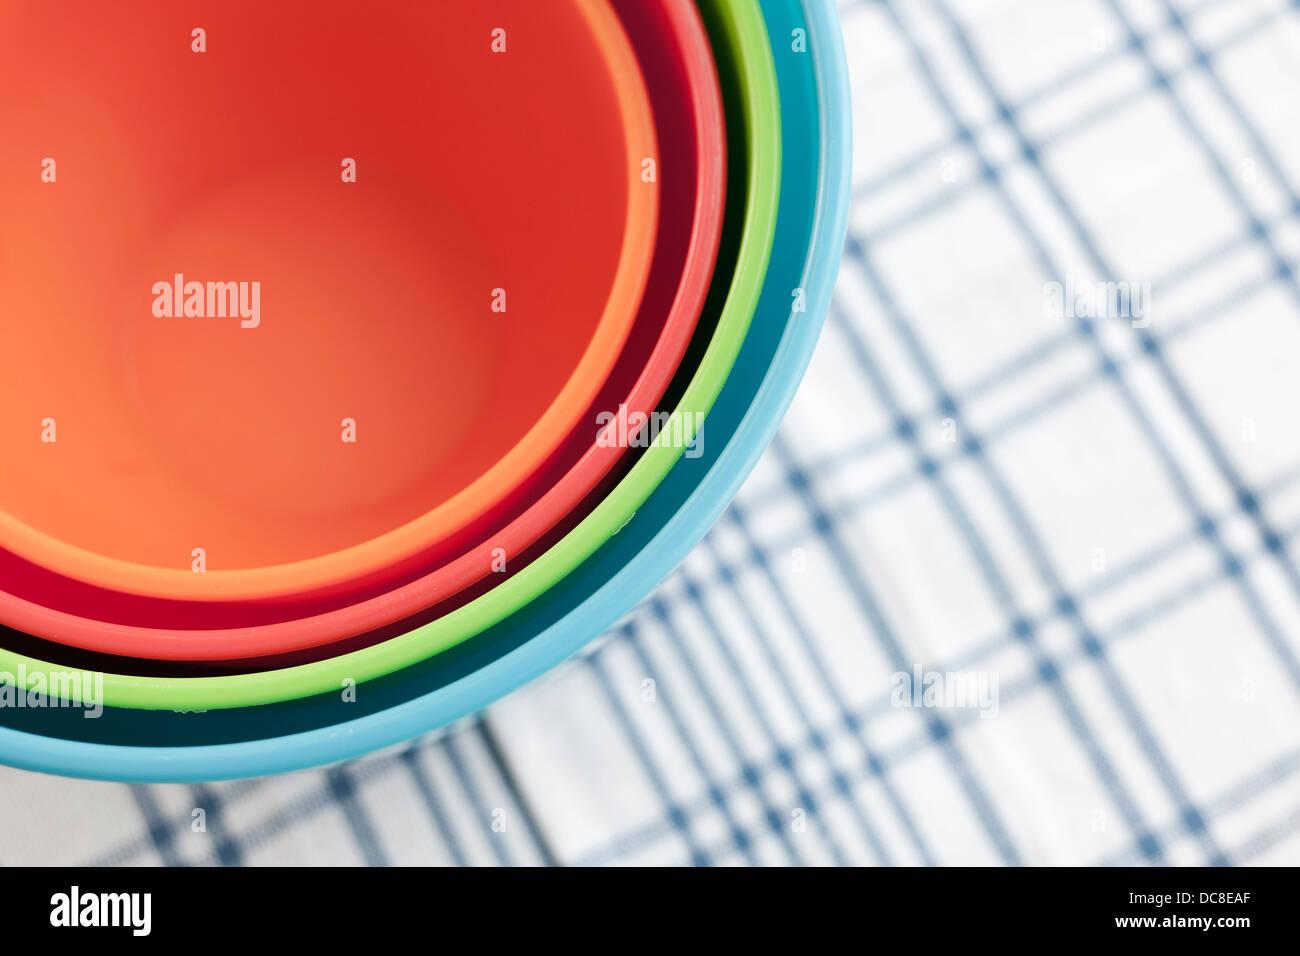 Quatre bols de couleur bleu sur un chiffon de check table. Vue d'en haut. Des cercles concentriques. Photo Stock